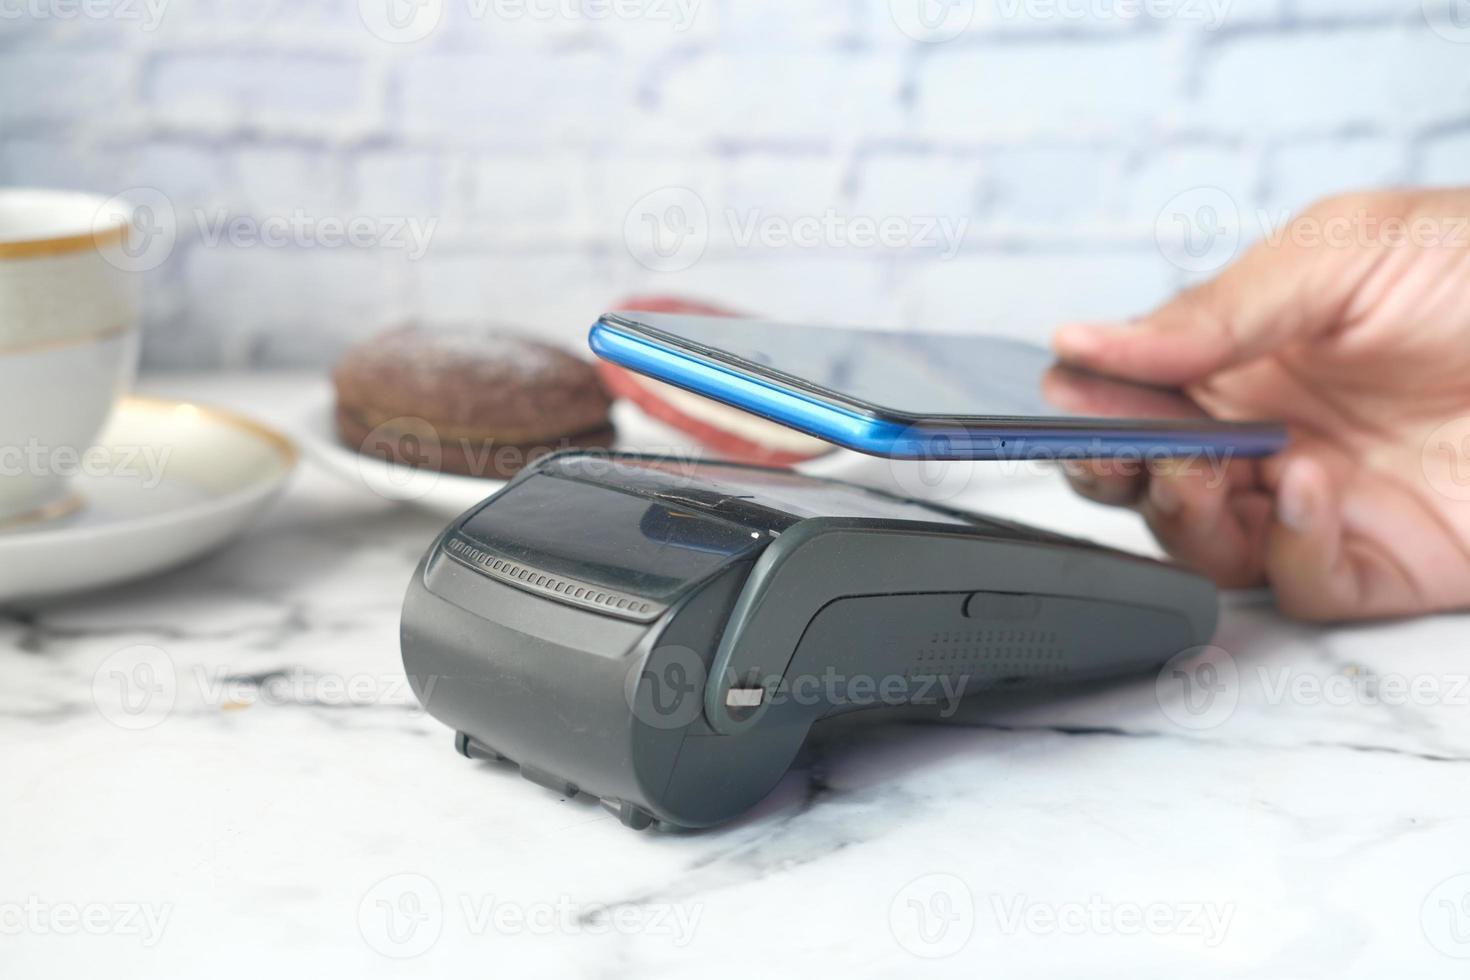 pagamento sem contato com telefone inteligente foto